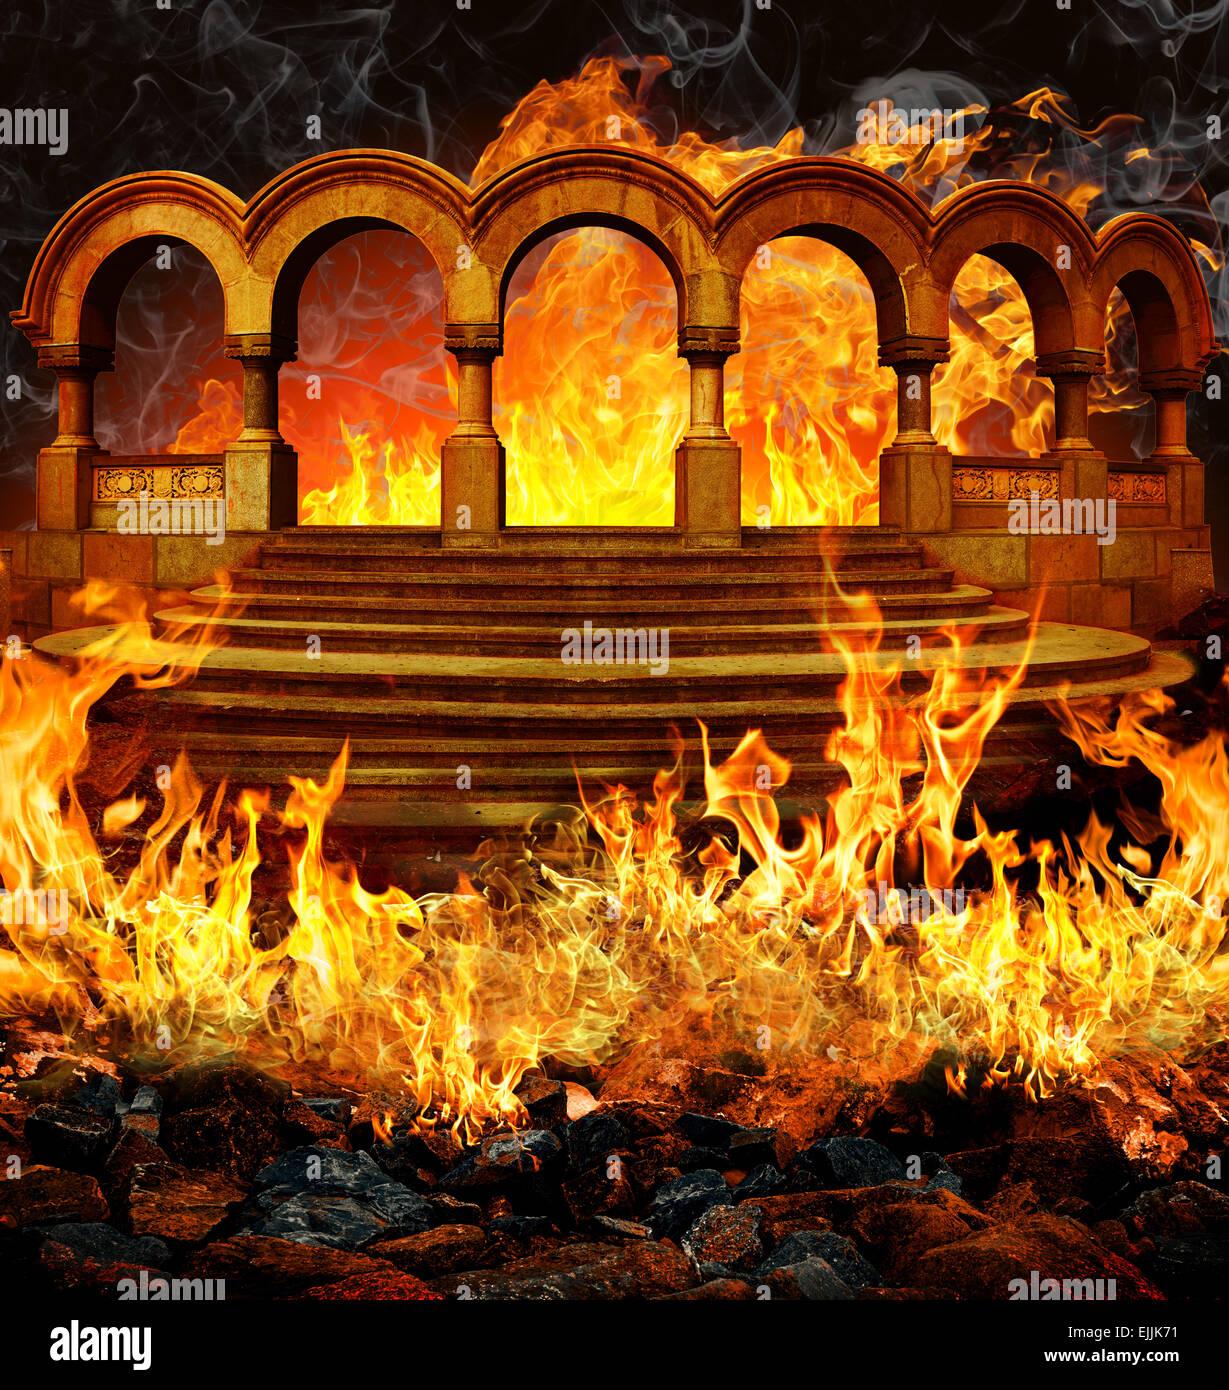 Tore der Hölle mit Treppen und Portal Spalten in Feuer Flammen und Rauch. Stockbild